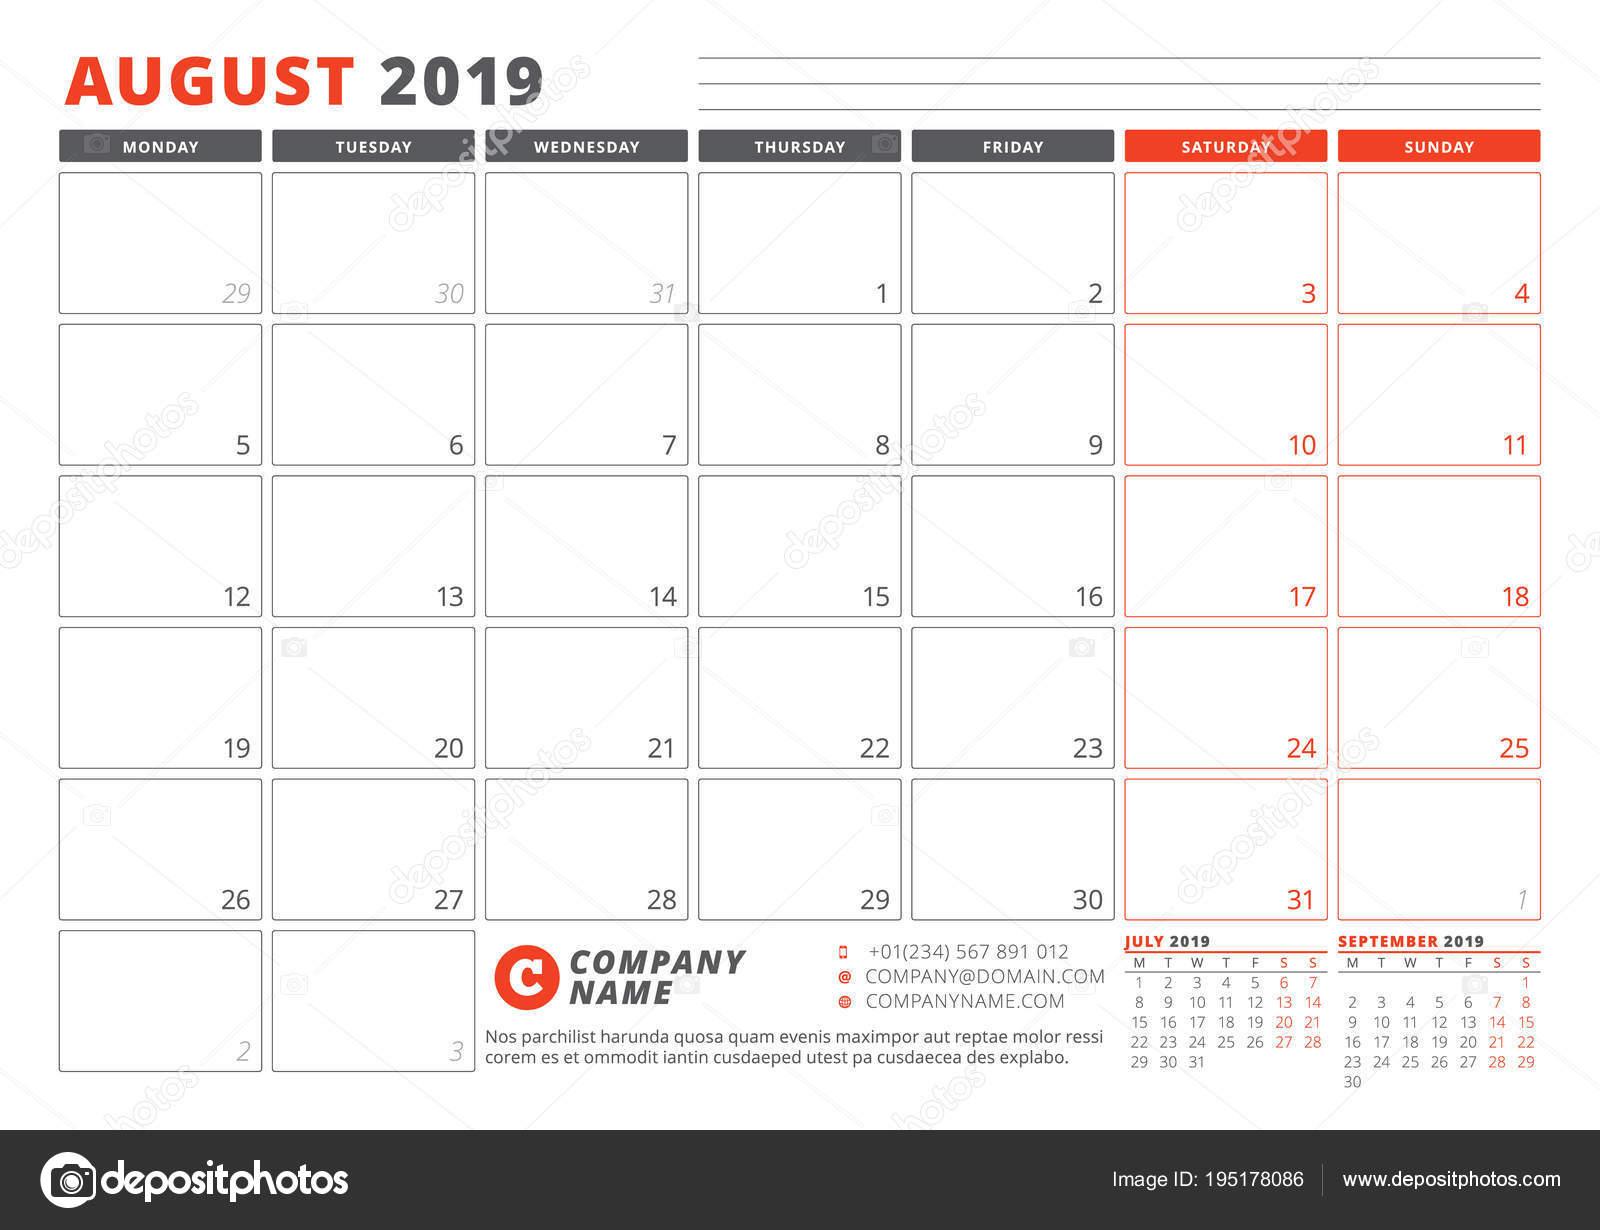 Pagina Calendario Agosto 2019.Modello Di Calendario Per Agosto 2019 Modello Di Business